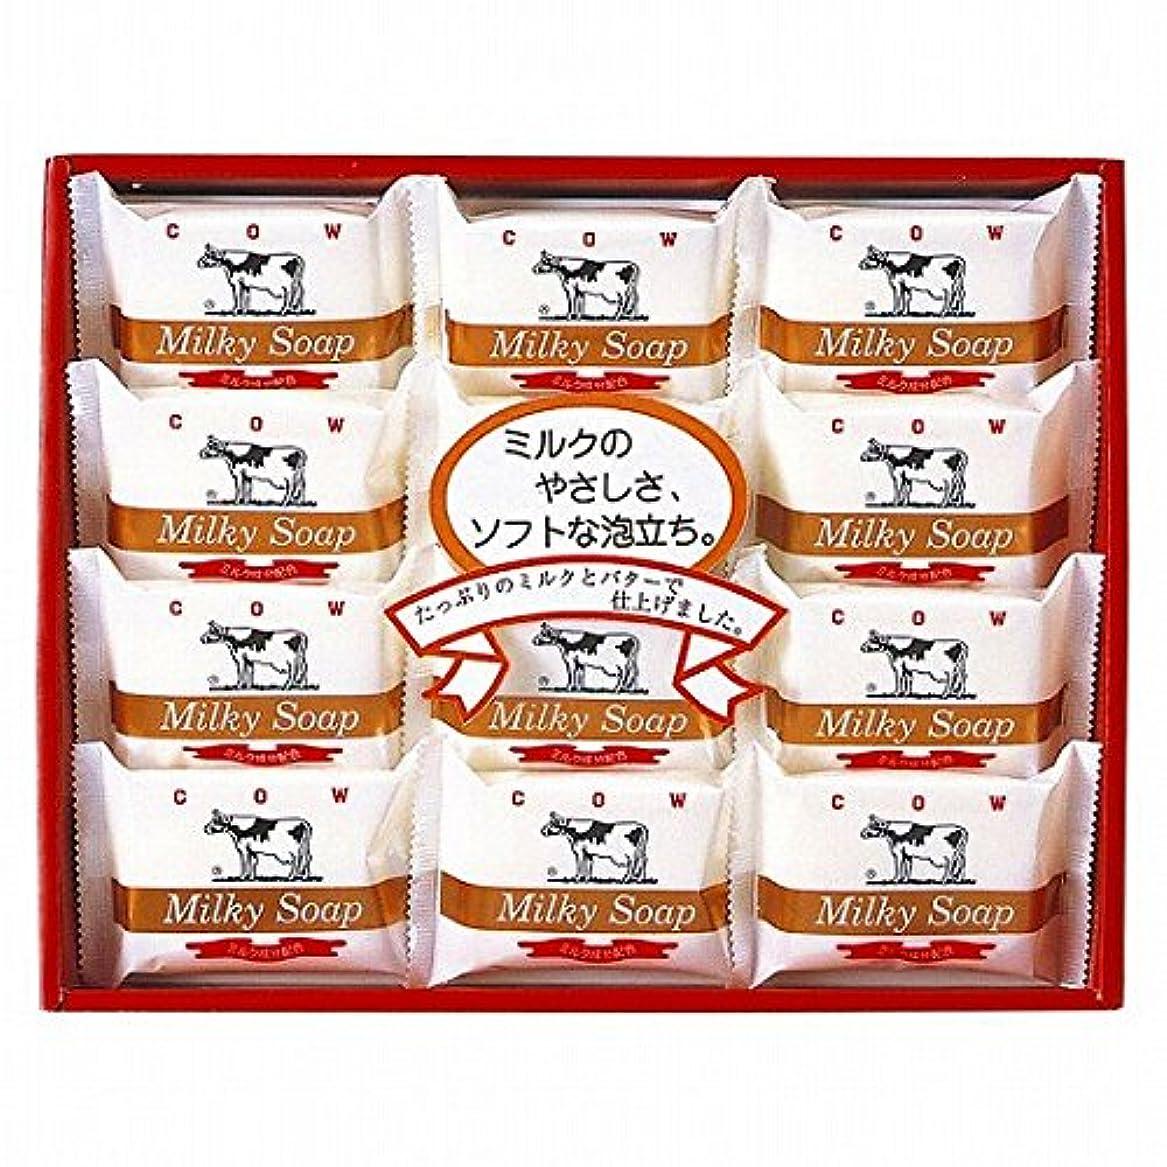 エイズ料理をするジャムnobrand 牛乳石鹸 ゴールドソープセット (21940005)